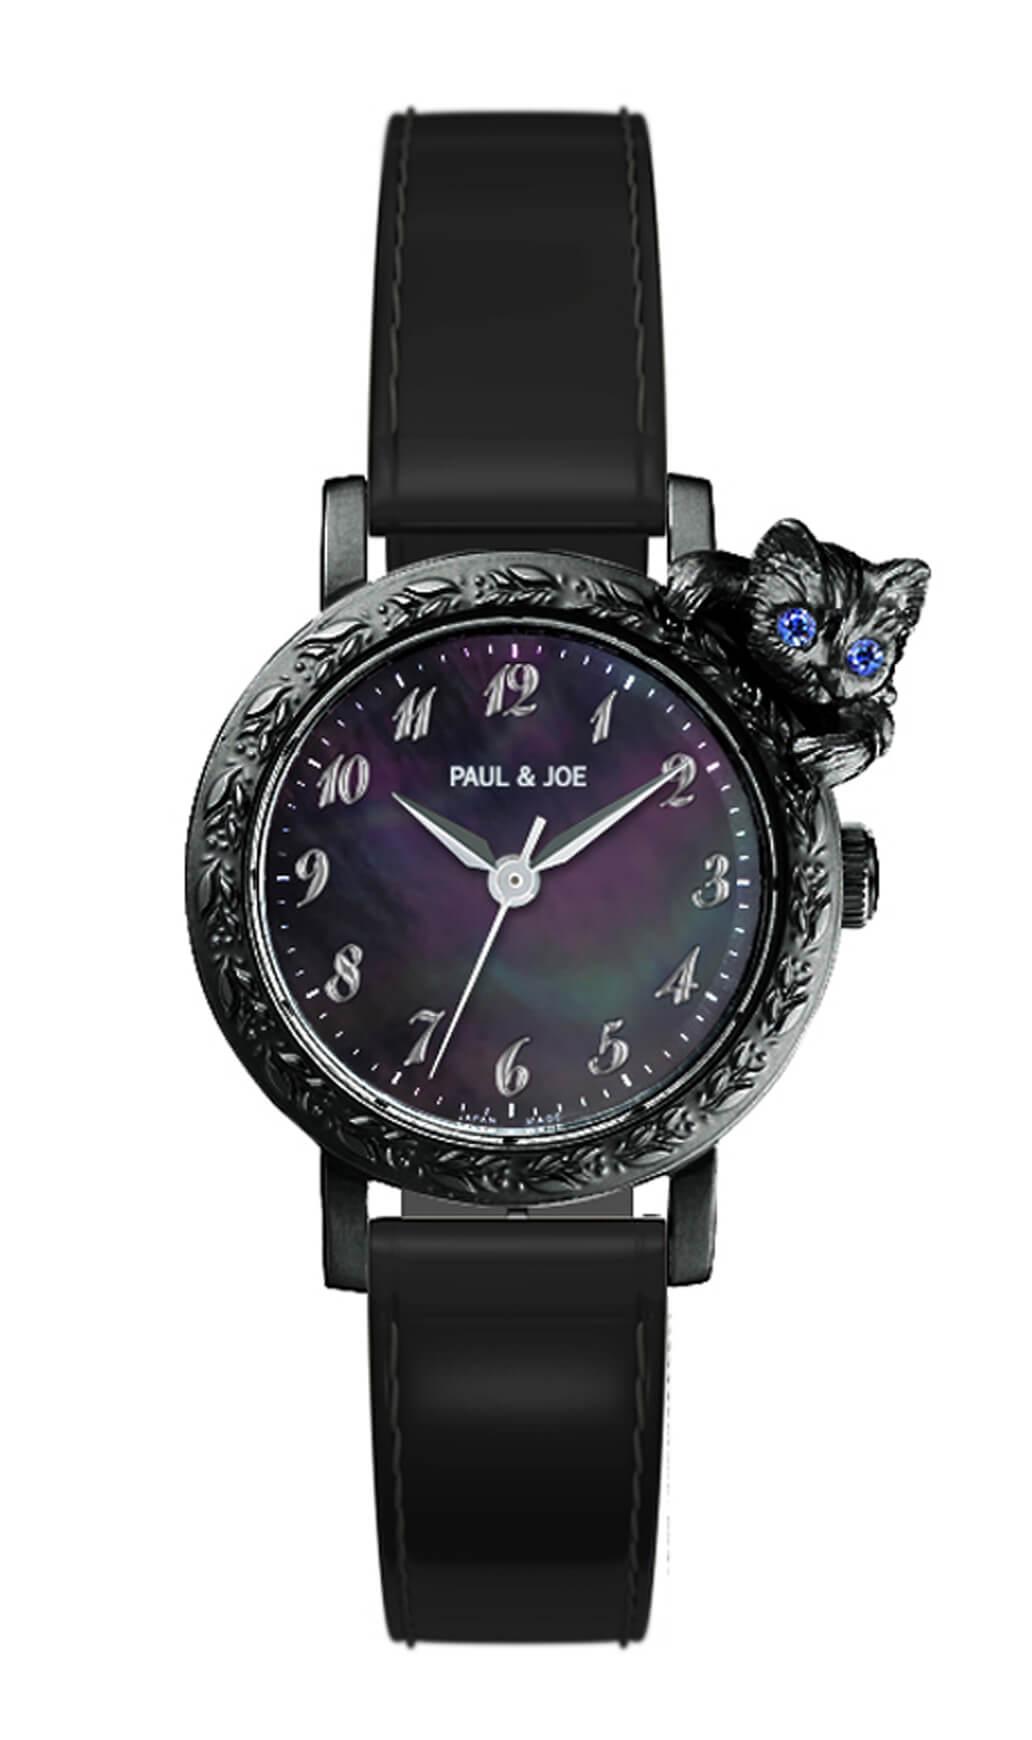 Timeless Cat (タイムレスキャット)の新作腕時計ブラックカラー by PAUL & JOE(ポールアンドジョー)